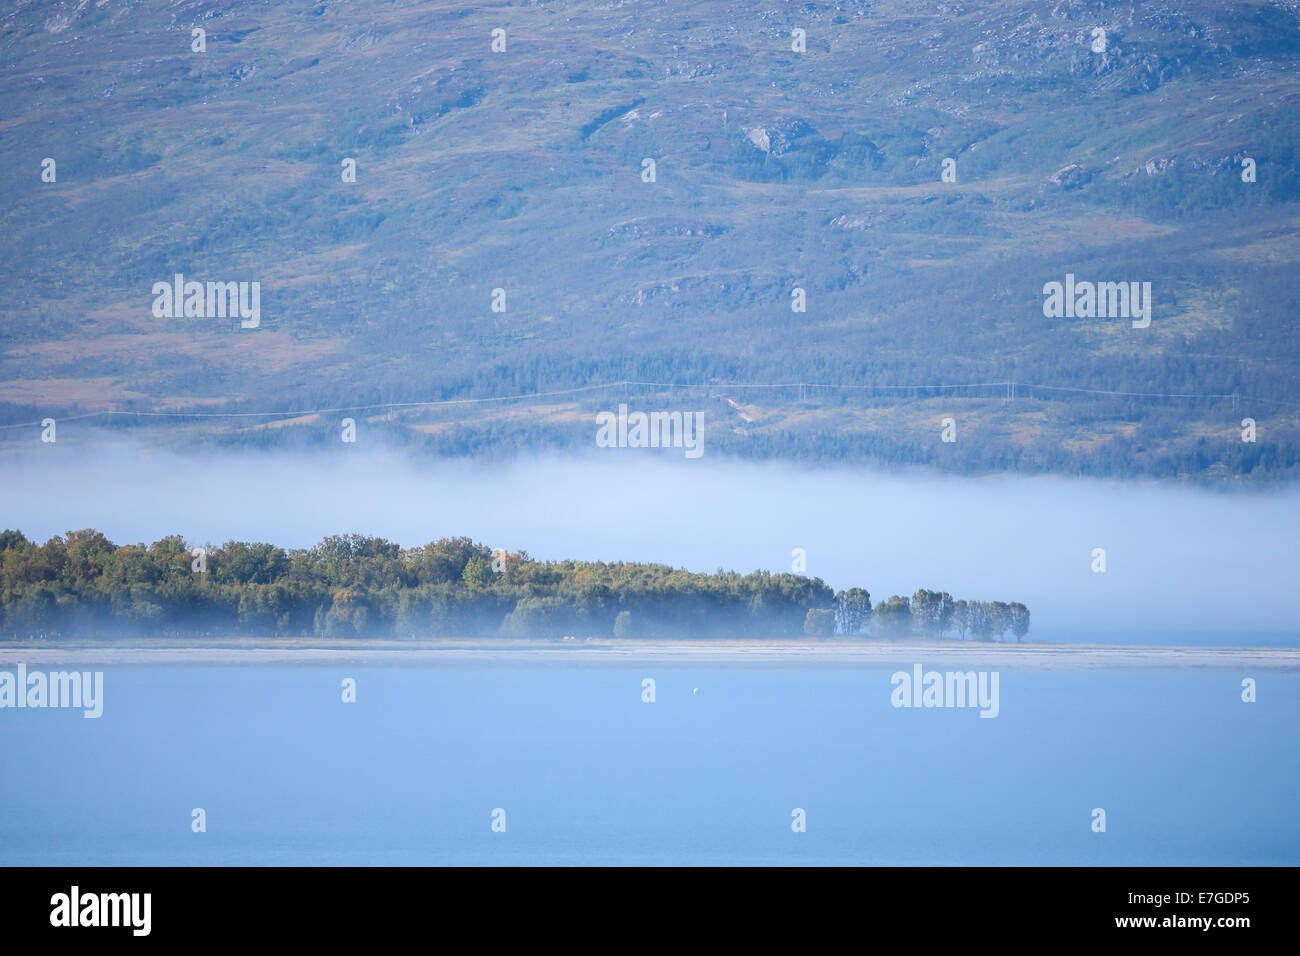 mist over island Grindoya Stock Photo